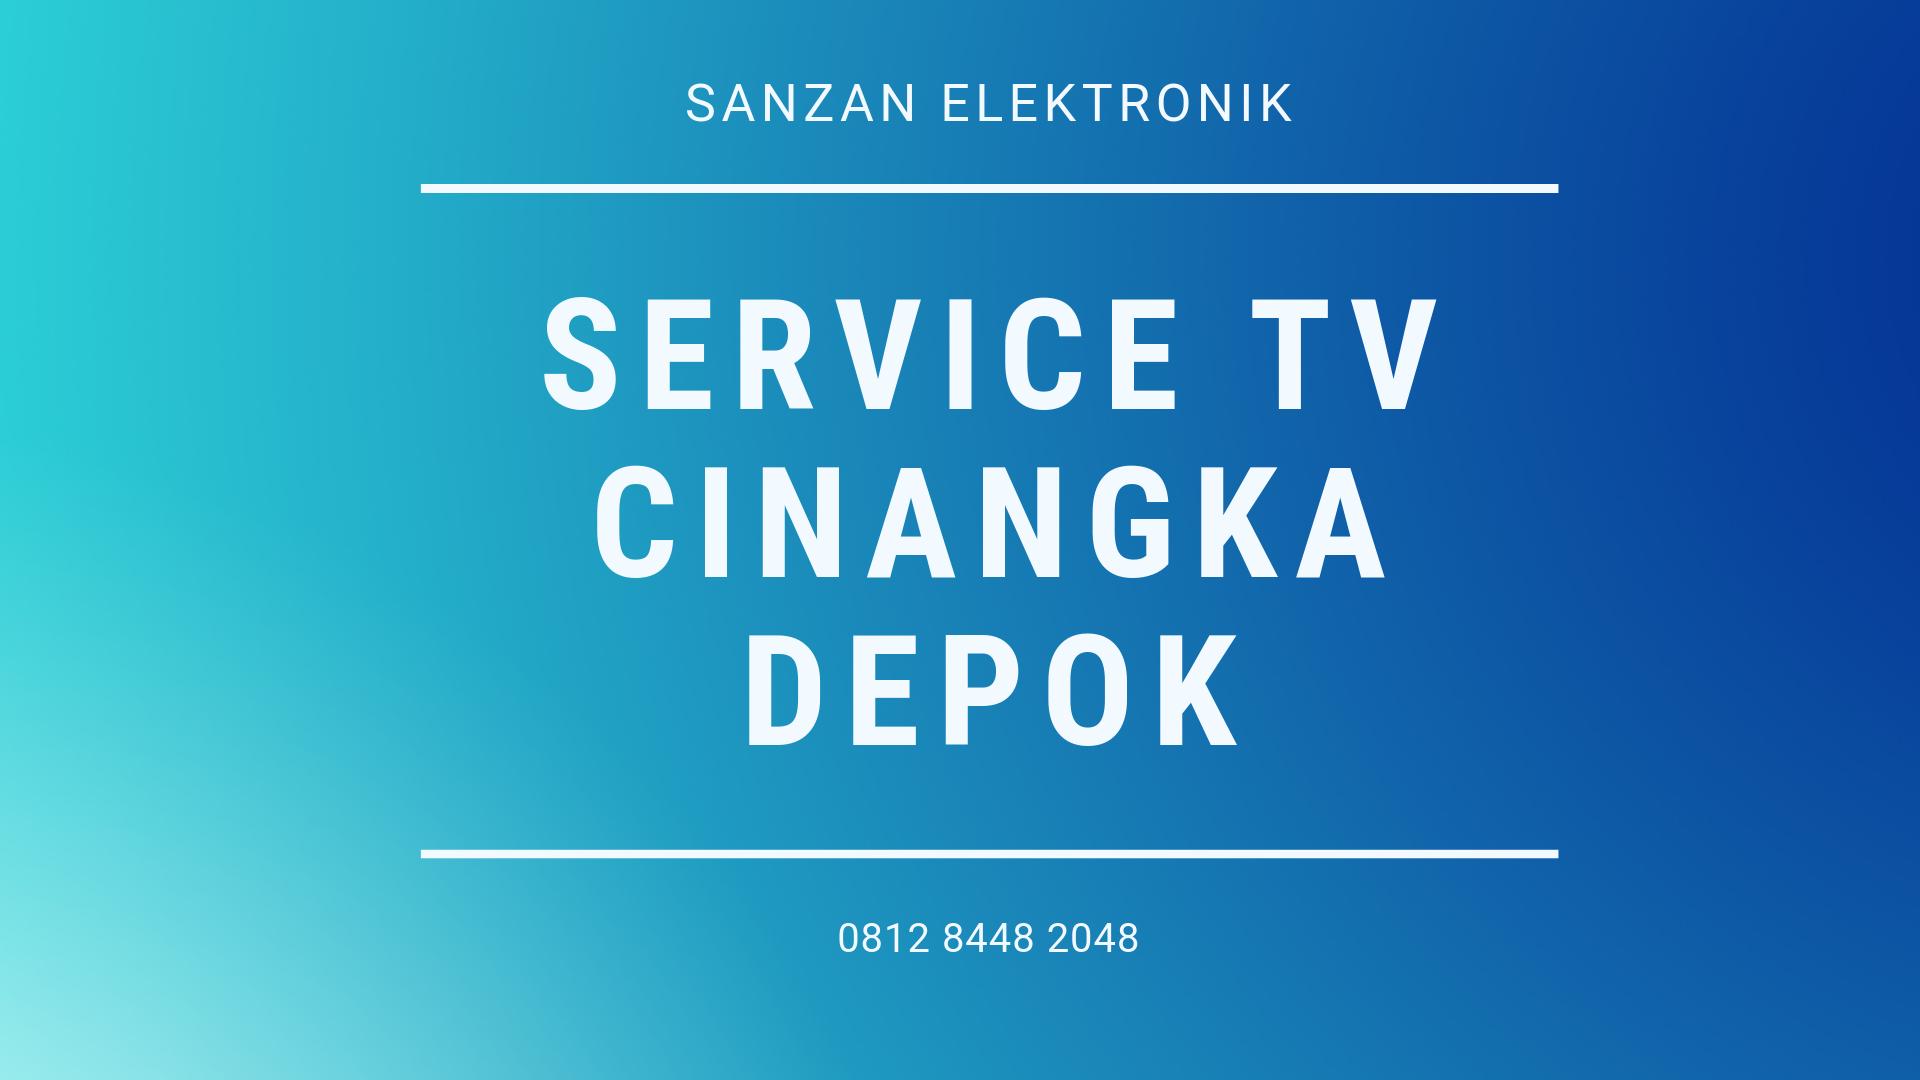 Service TV Cinangka Depok